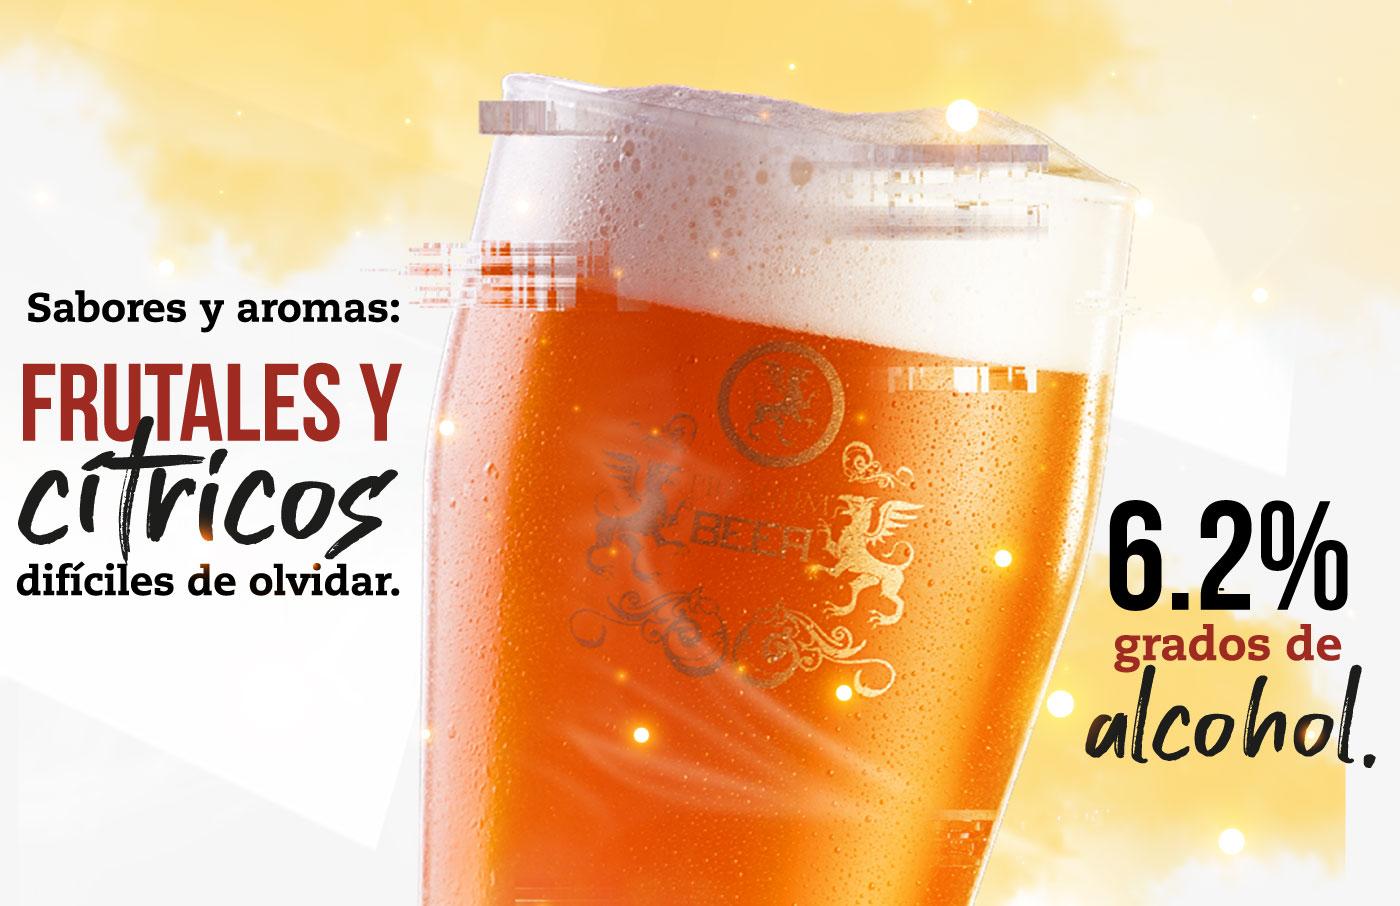 cerveza mysteria ipa, sabores y aromas frutales y citricos dificiles de olvidar, pub de cervezac